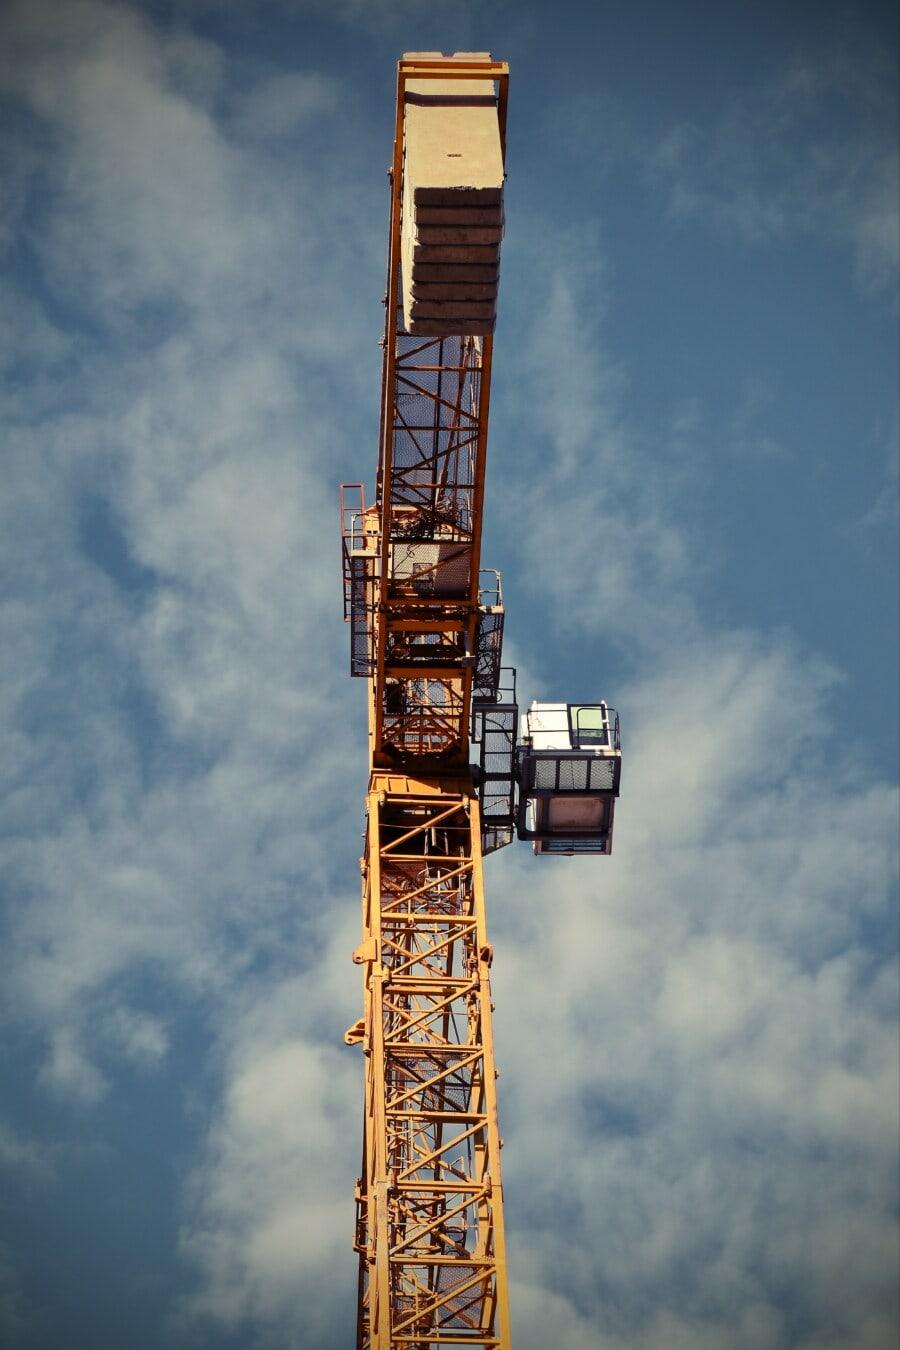 건설, 장치, 크레인, 스틸, 산업, 높은, 타워, 무거운, 기계, 아키텍처